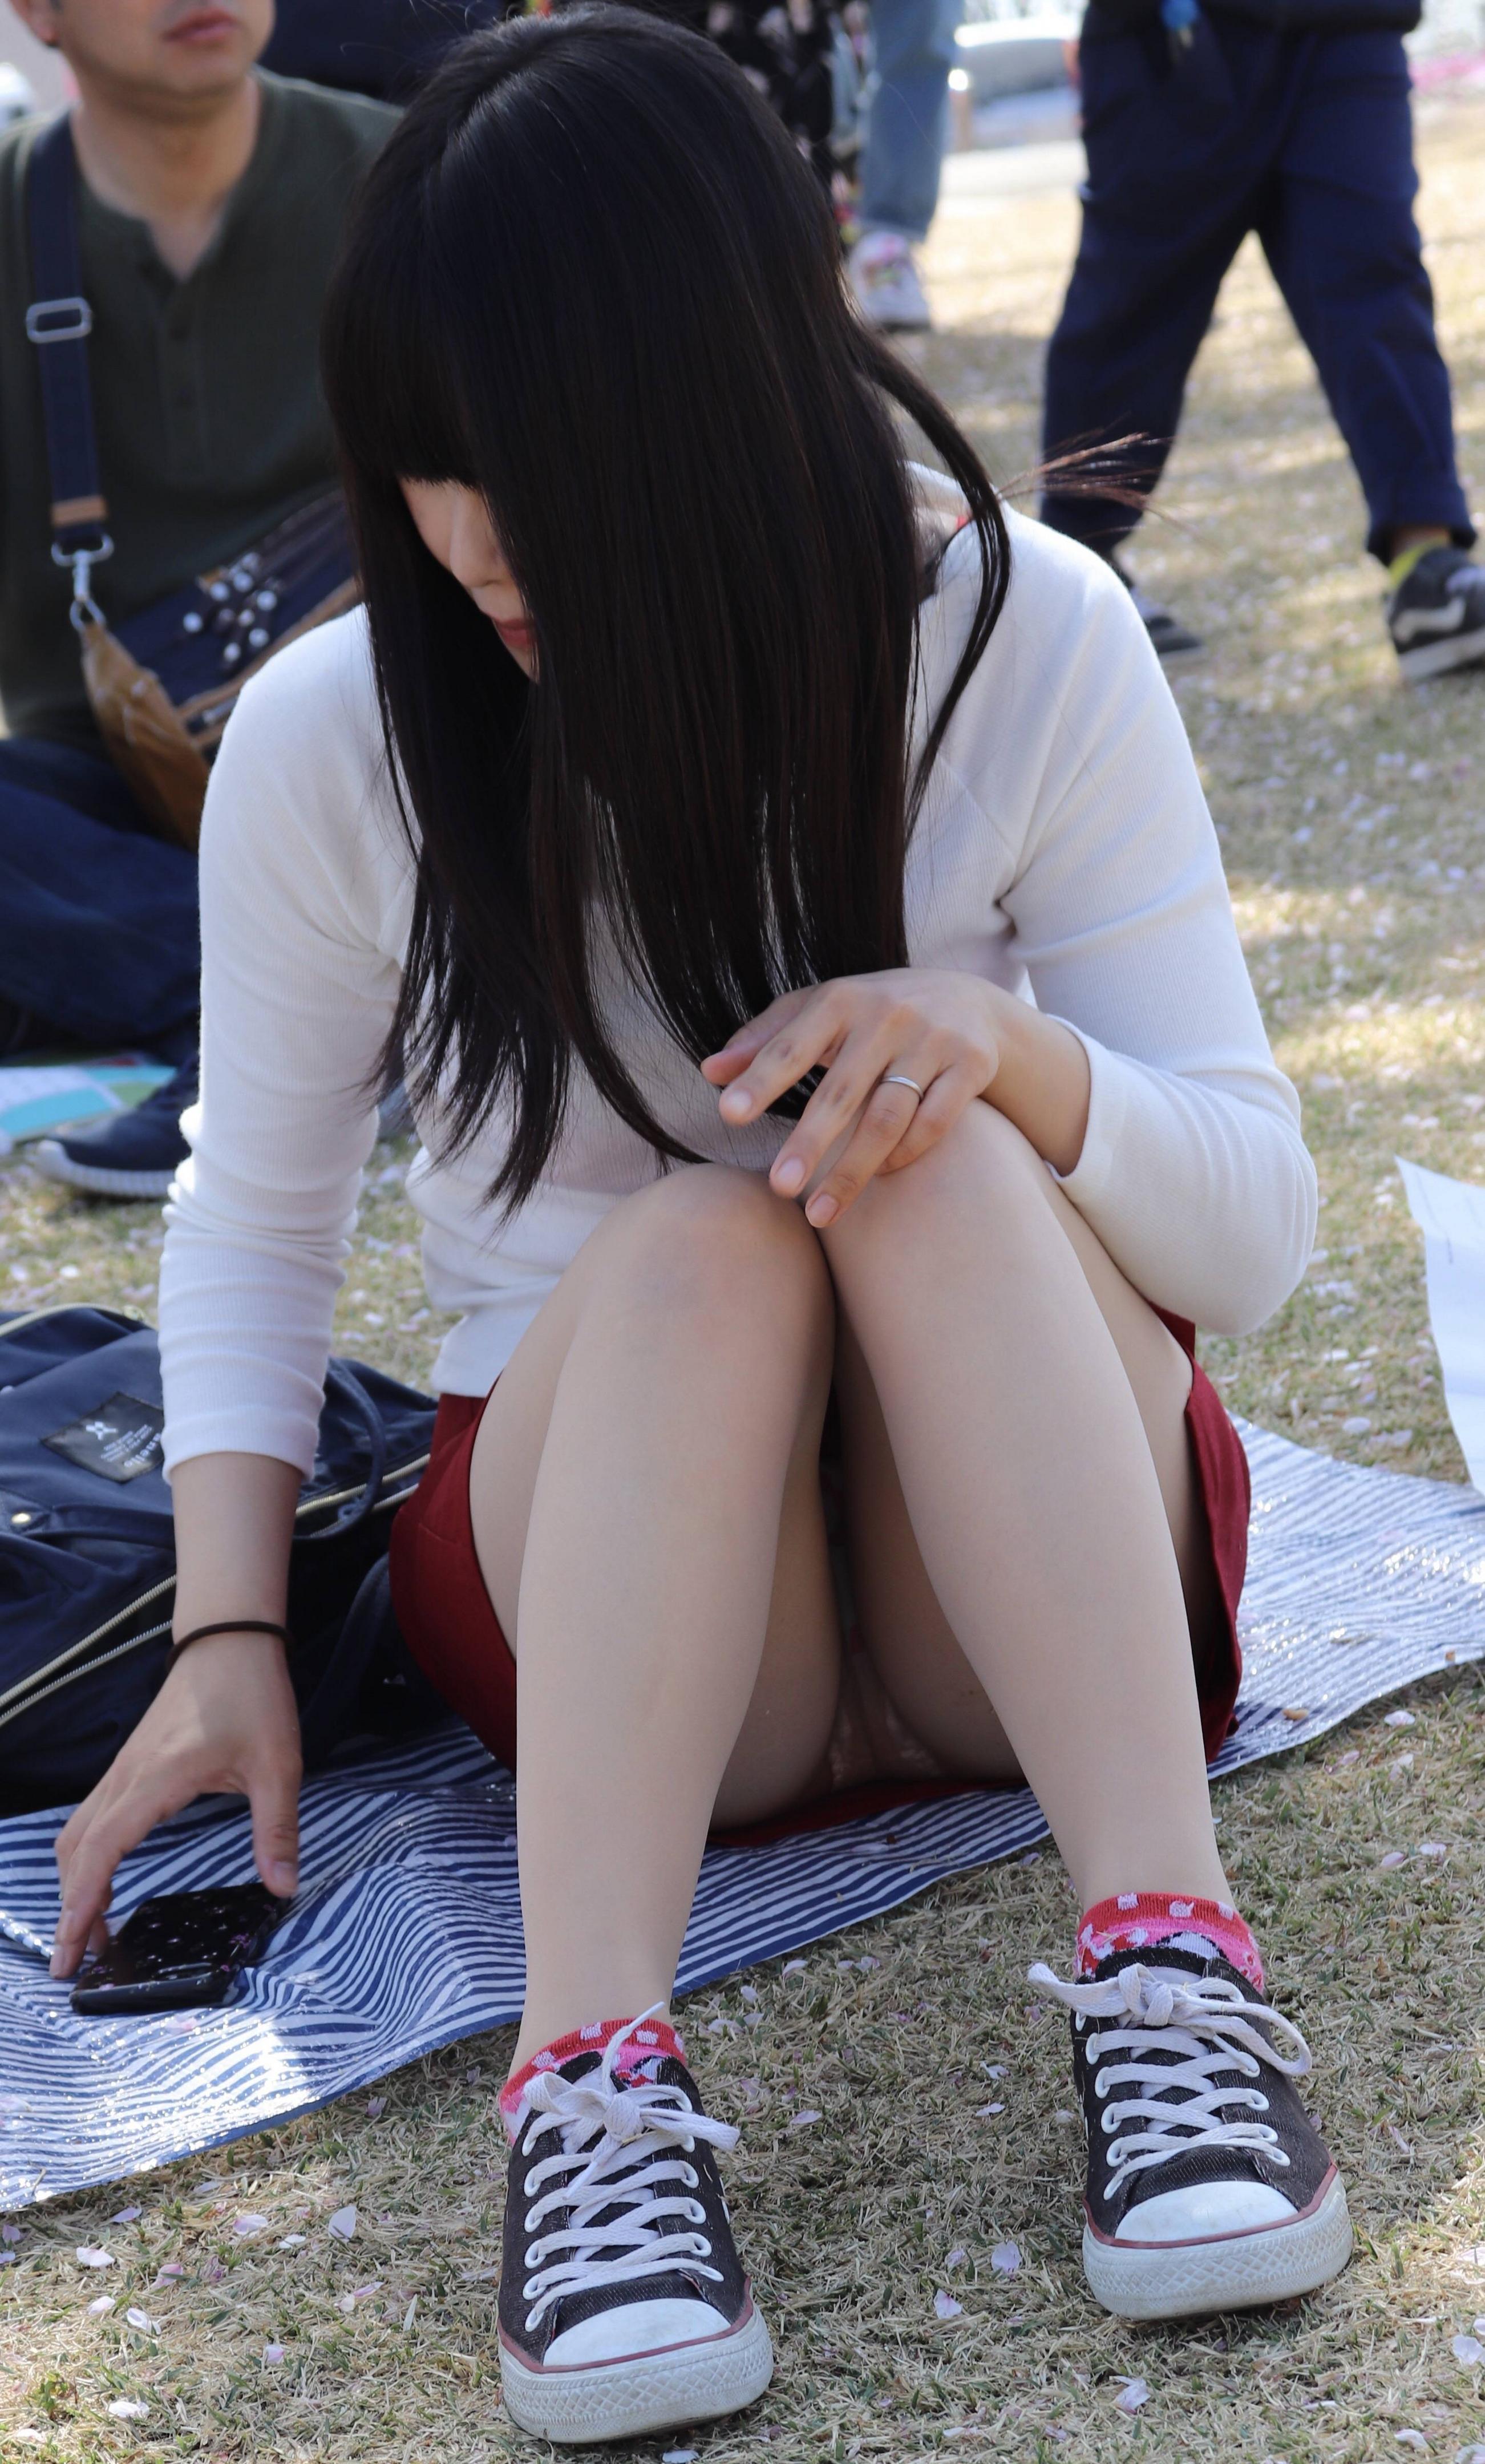 素人の女の子を街撮りしたエロ画像をくださいwwwwwwwwwwwwww g7ux8Co